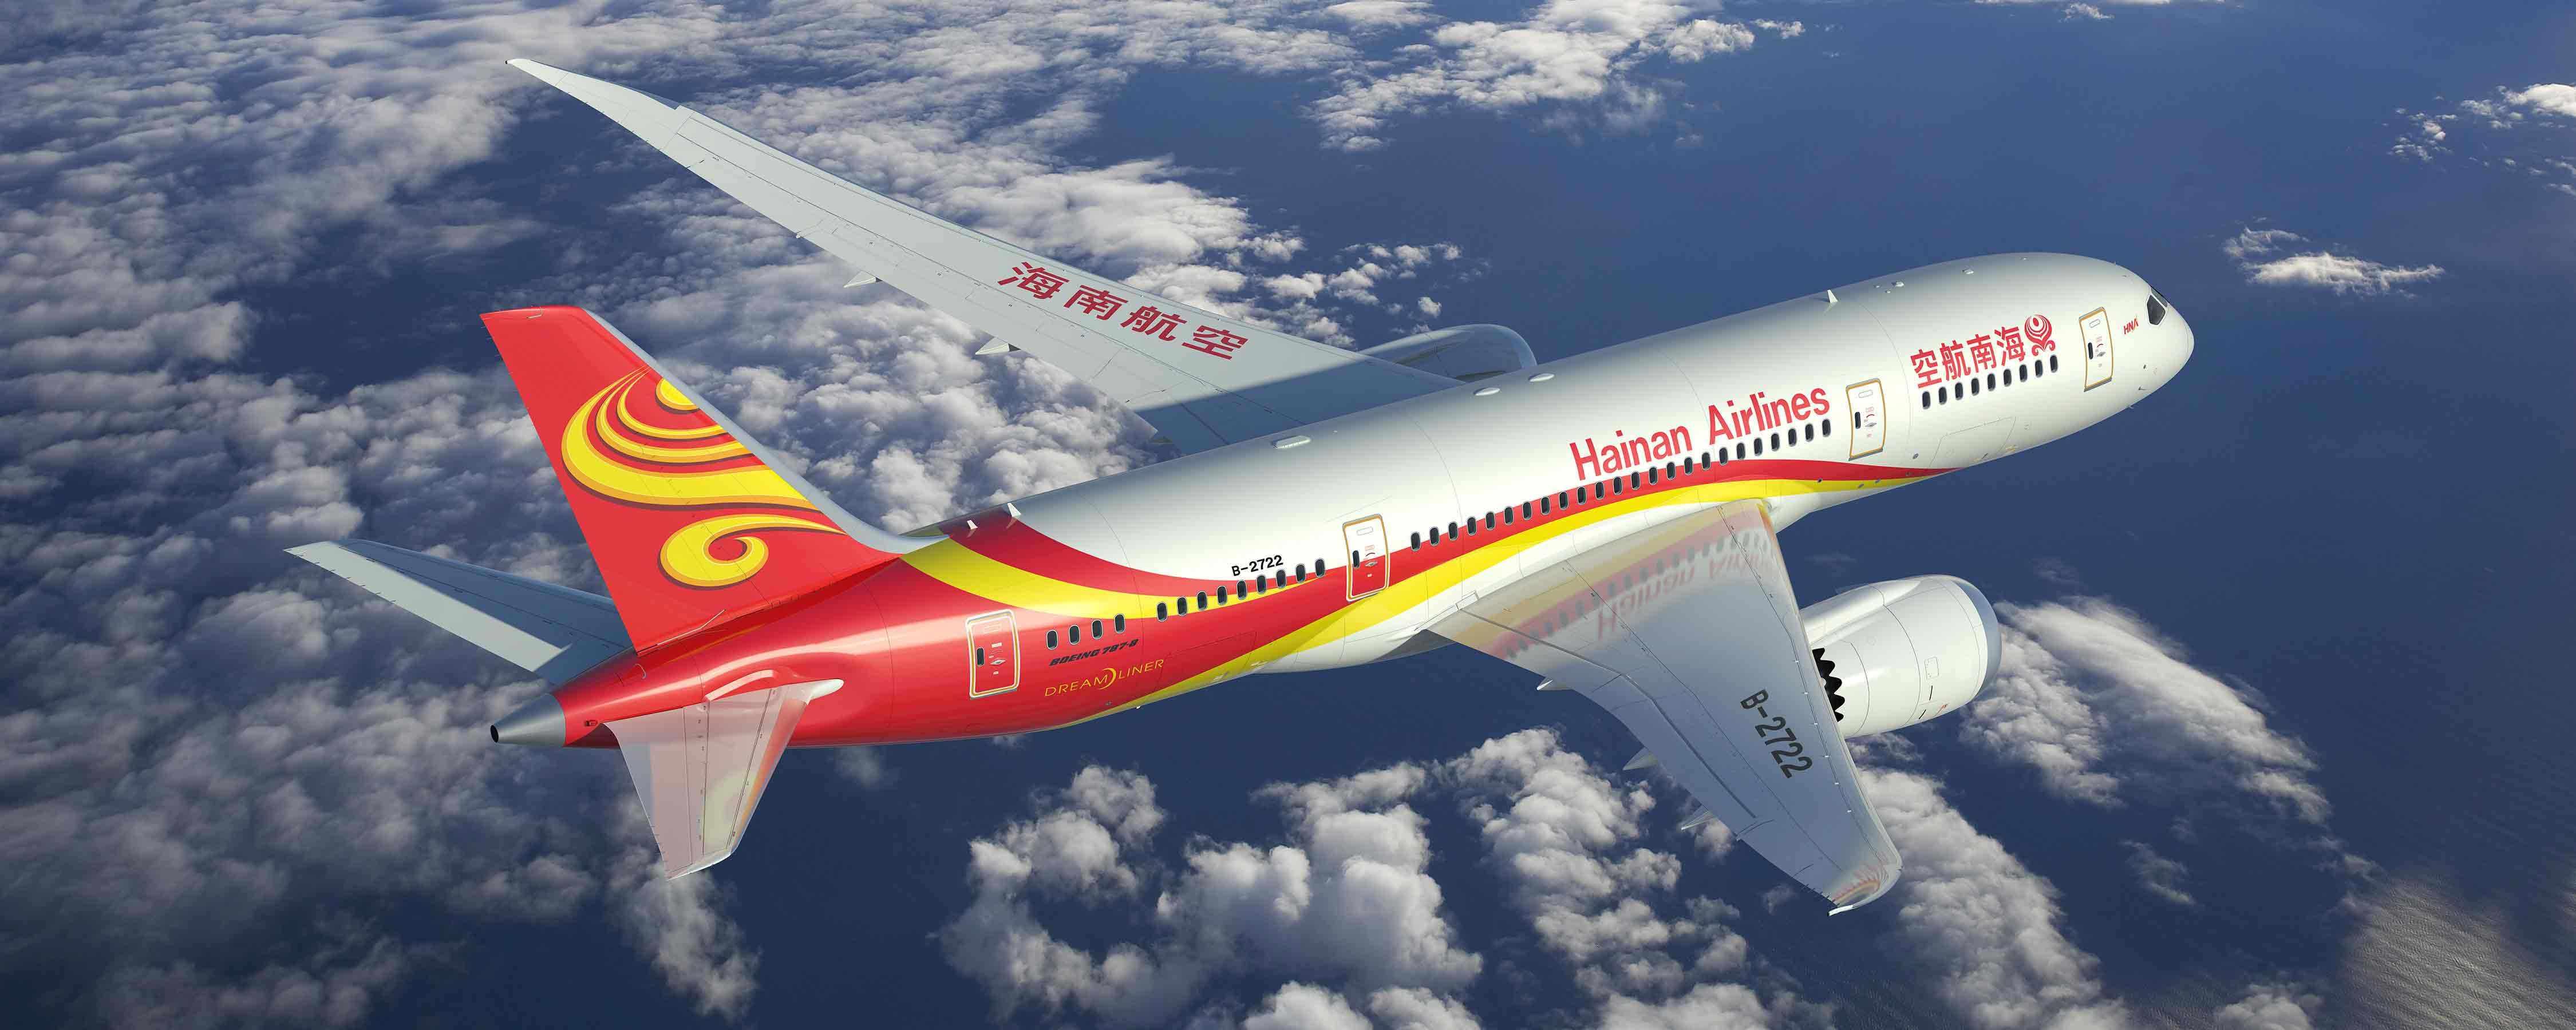 海南航空开通中国直飞挪威航线